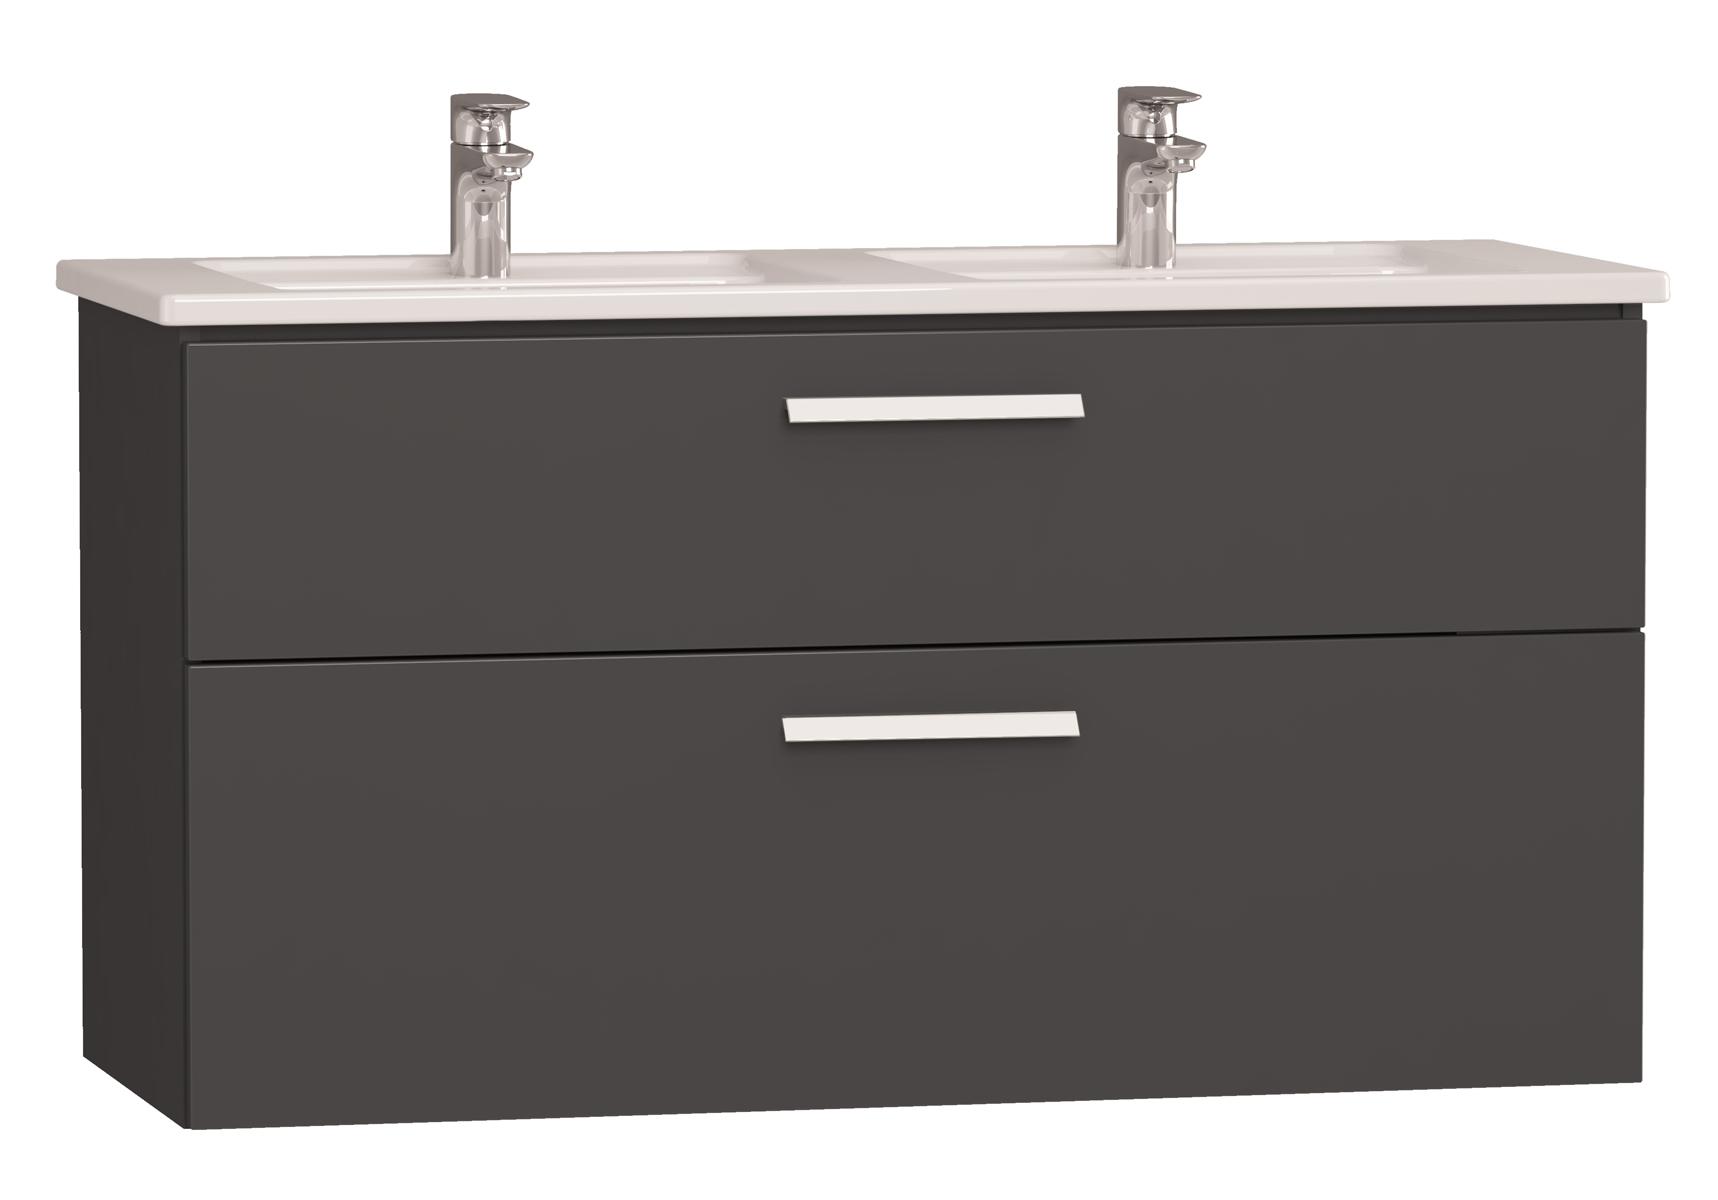 Integra meuble avec plan céramique avec lavabo double, 120 cm, anthraciteacite haute brillance